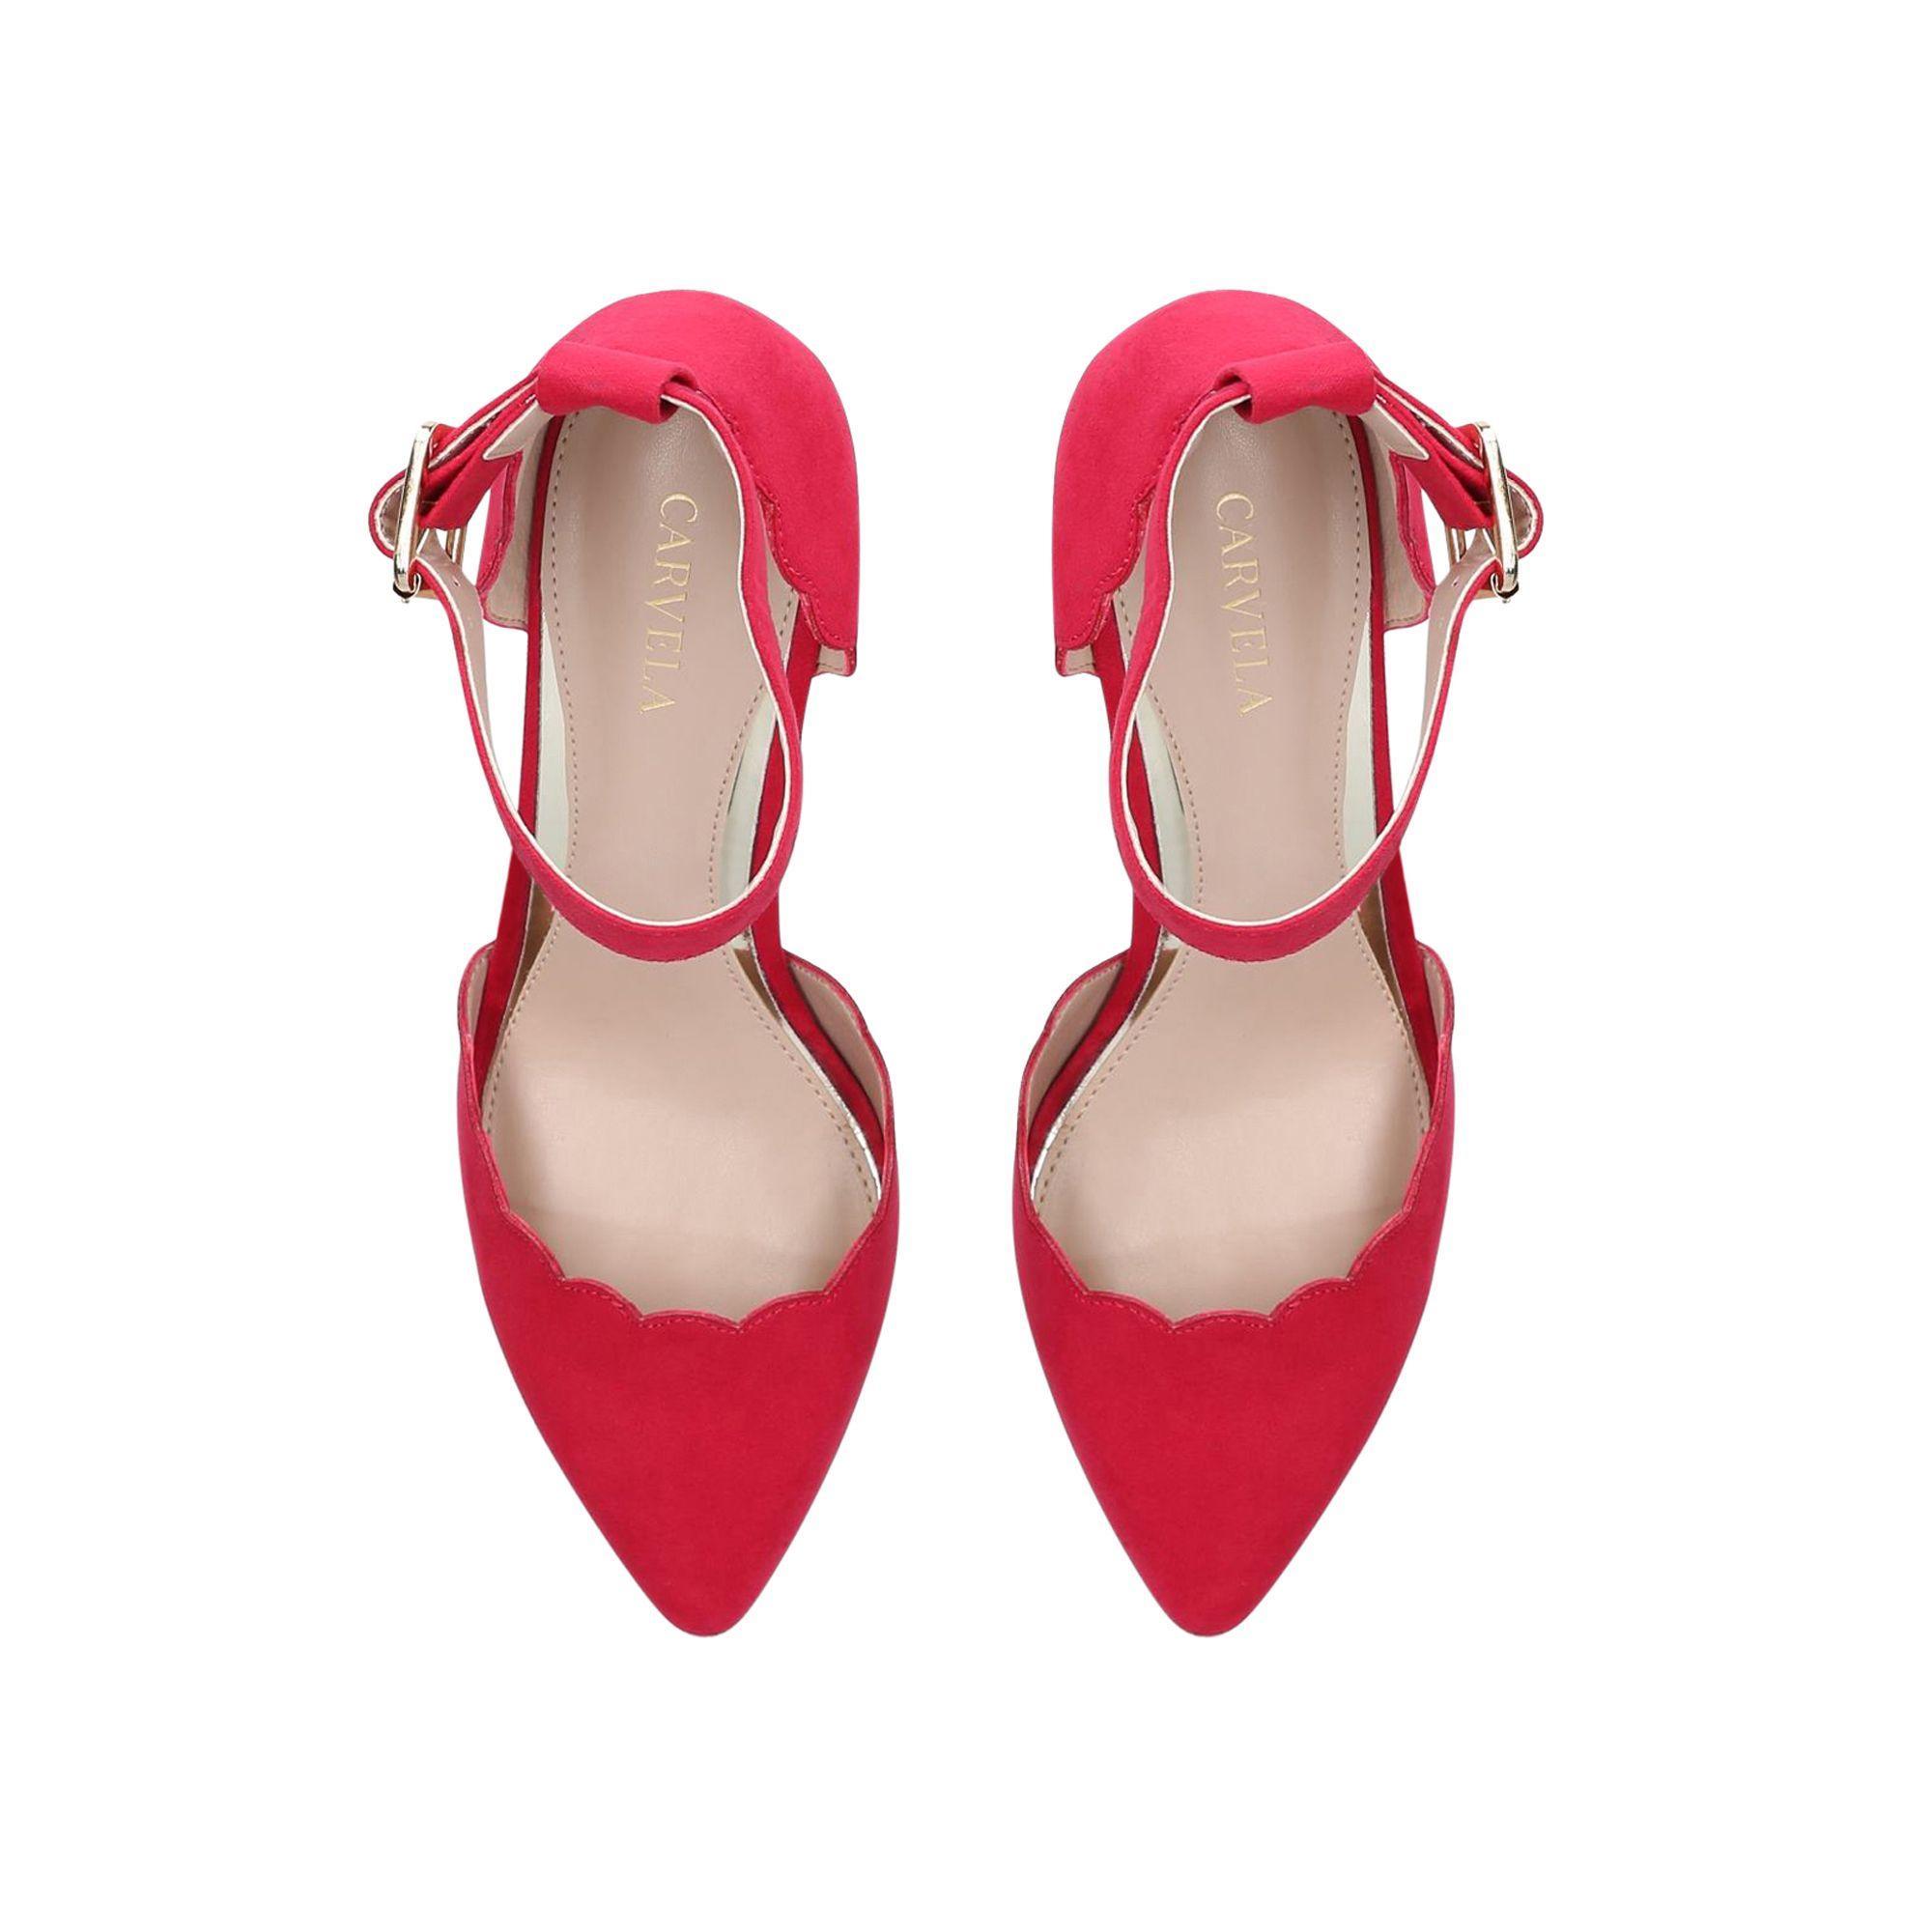 1820a3230c19 Carvela Kurt Geiger - Pink  klove  Mid Heel Court Shoes - Lyst. View  fullscreen